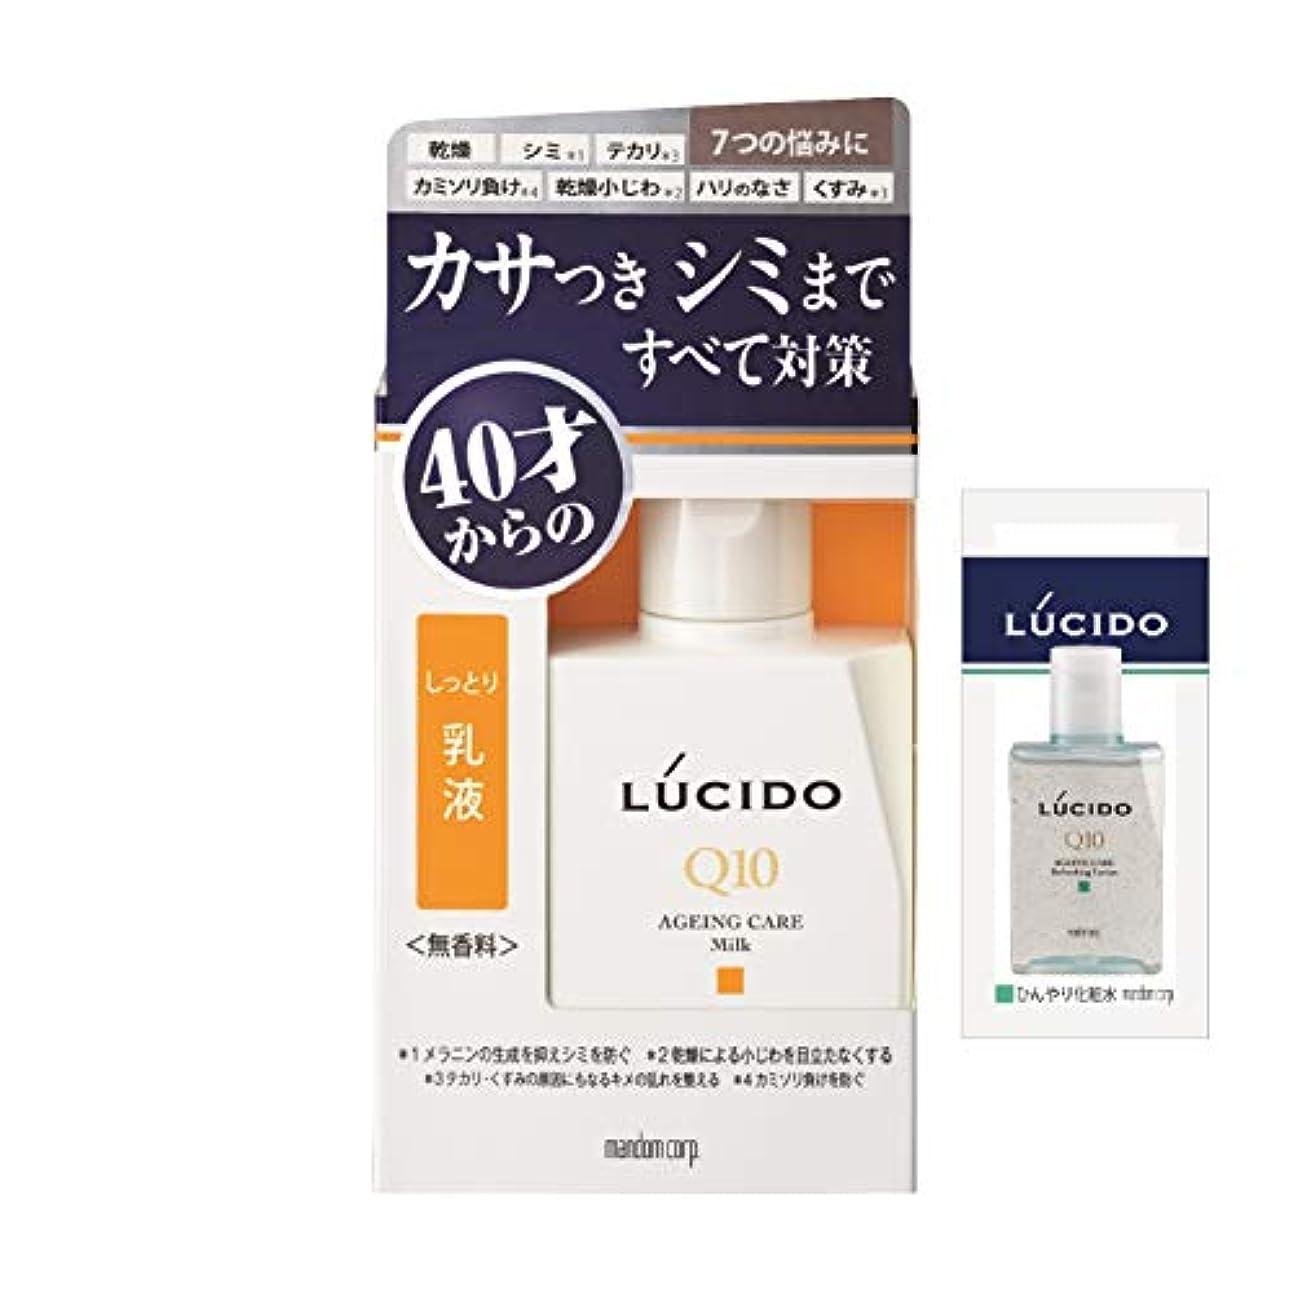 素晴らしいですクリークどっちでも【Amazon.co.jp 限定】 ルシード(LUCIDO) 薬用トータルケア乳液 メンズ スキンケア しっとり 100ml(医薬部外品)サンプル付